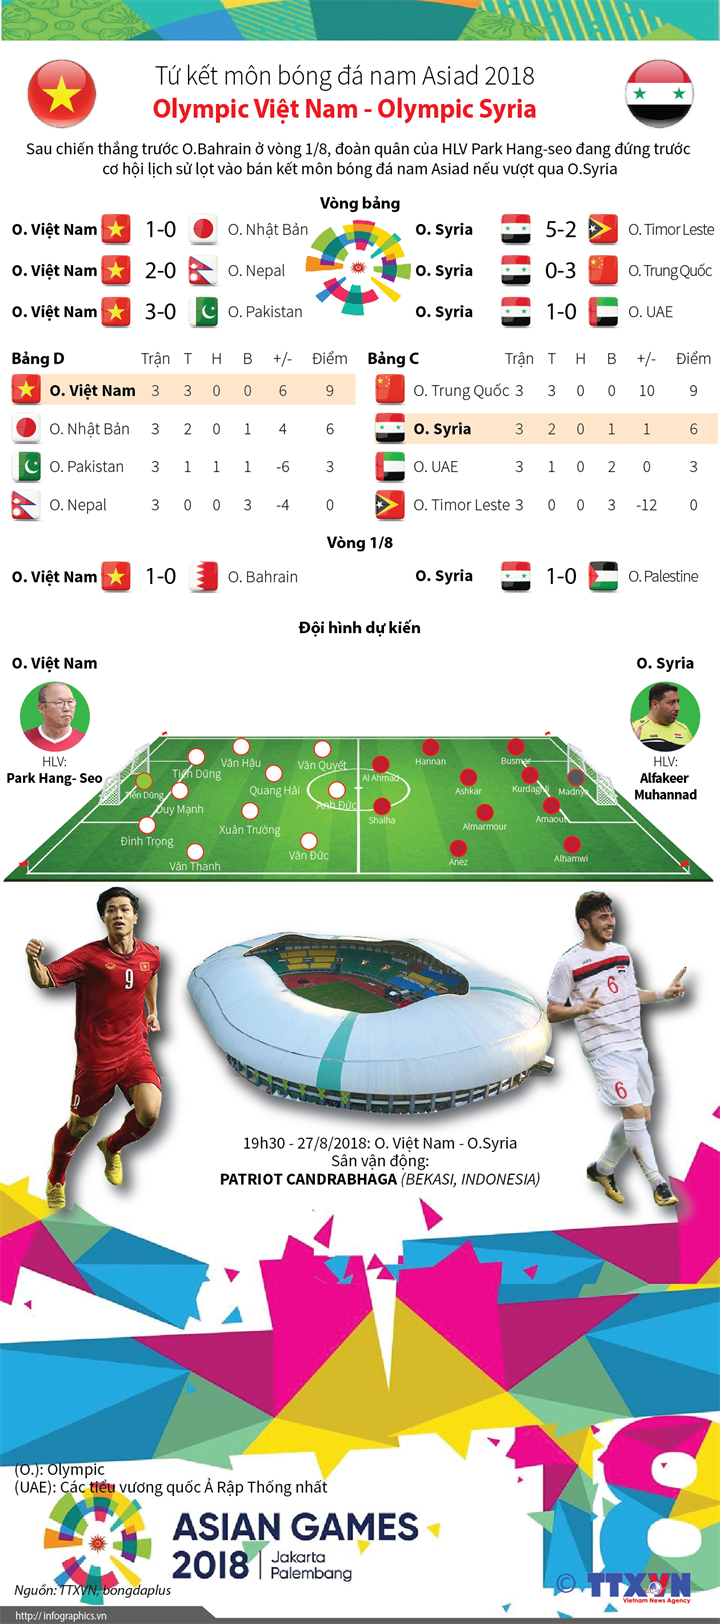 Tứ kết môn bóng đá nam Asiad 2018 Olympic Việt Nam - Olympic Syria